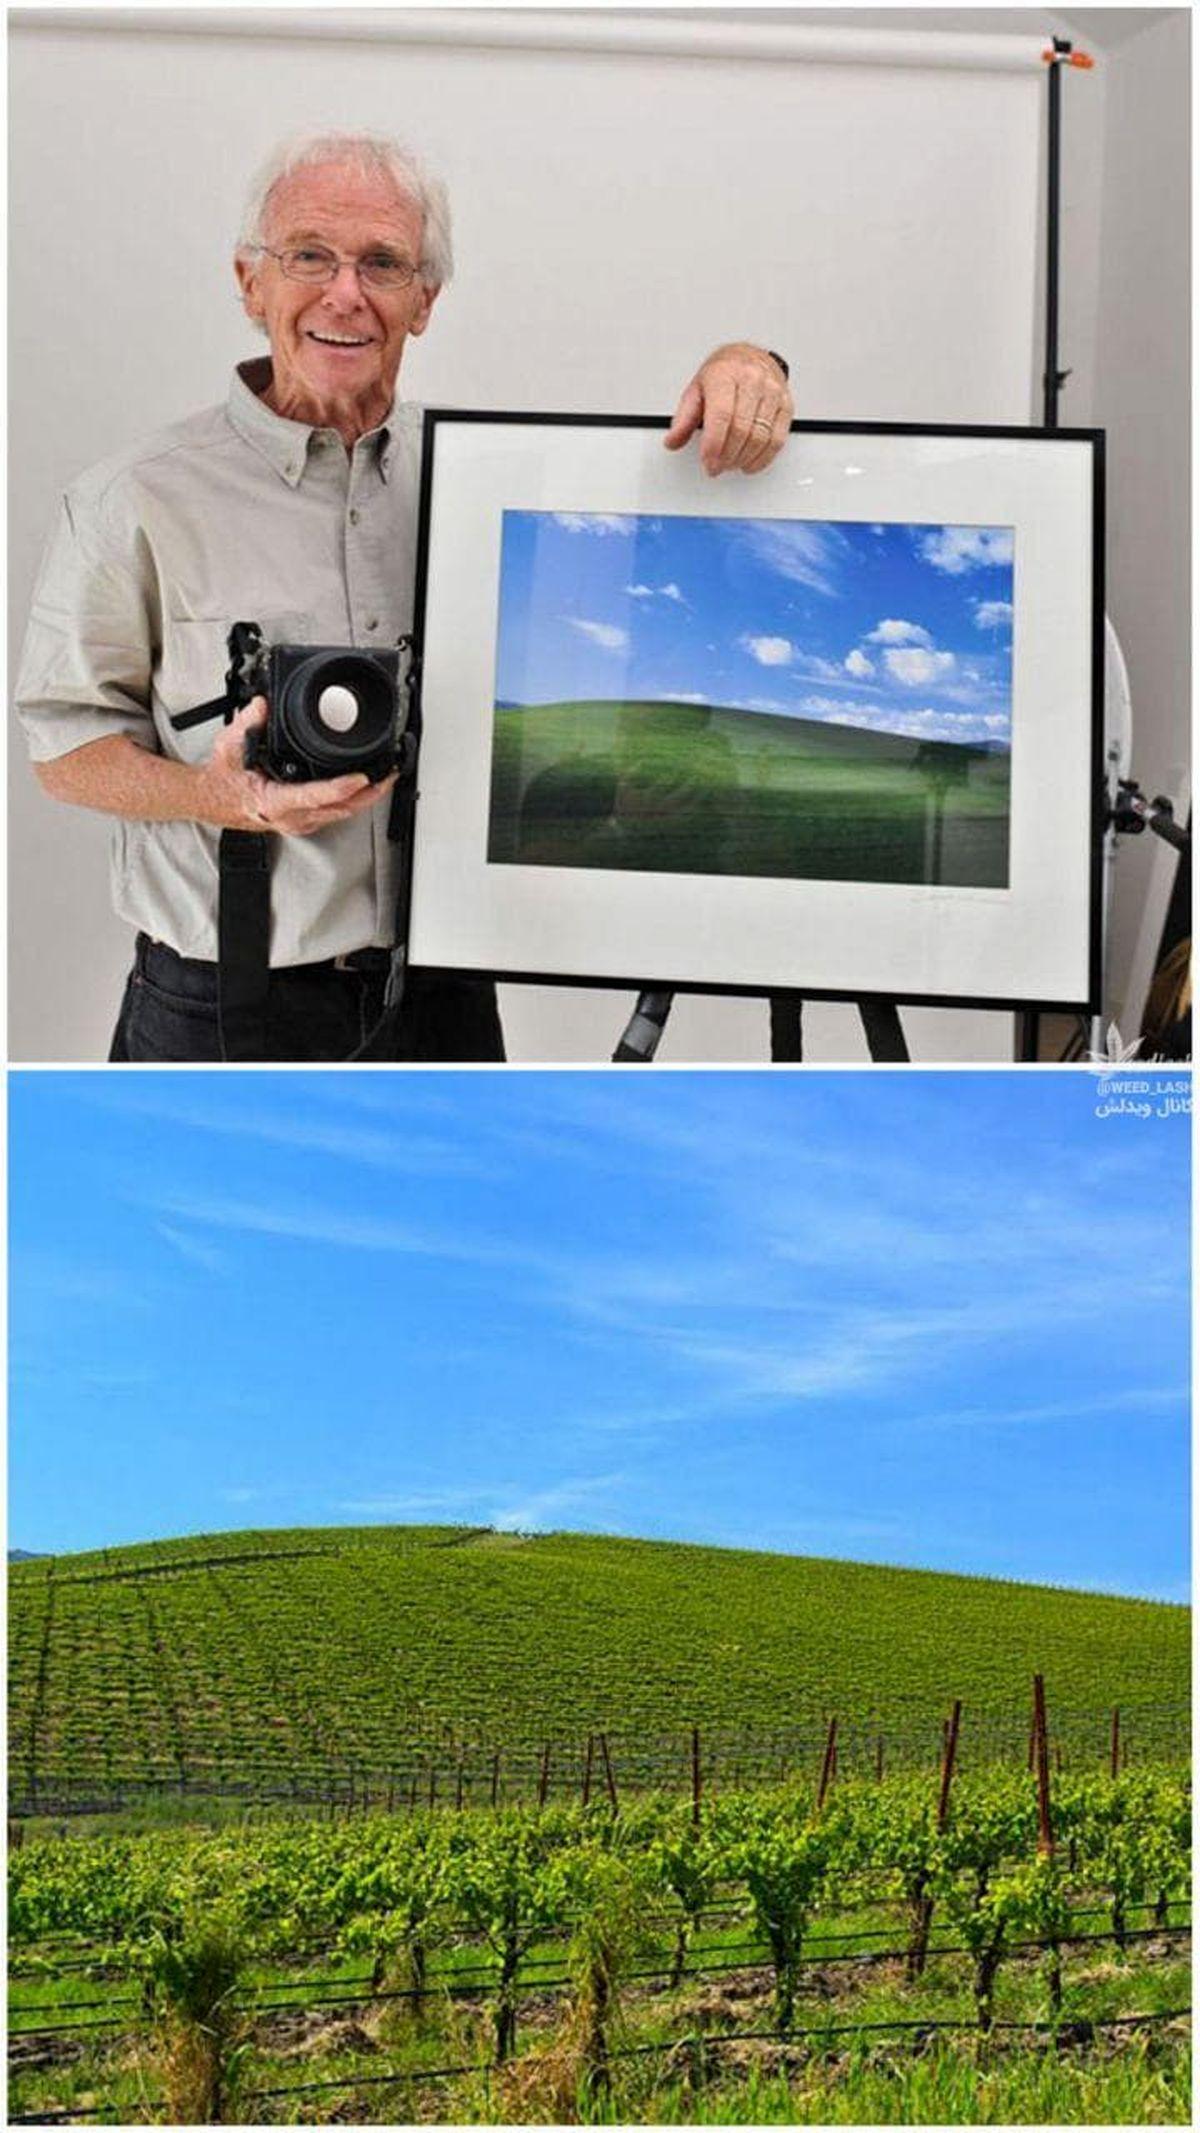 عکس معروف بکگراند ویندوز XP کجاست؟ +عکس